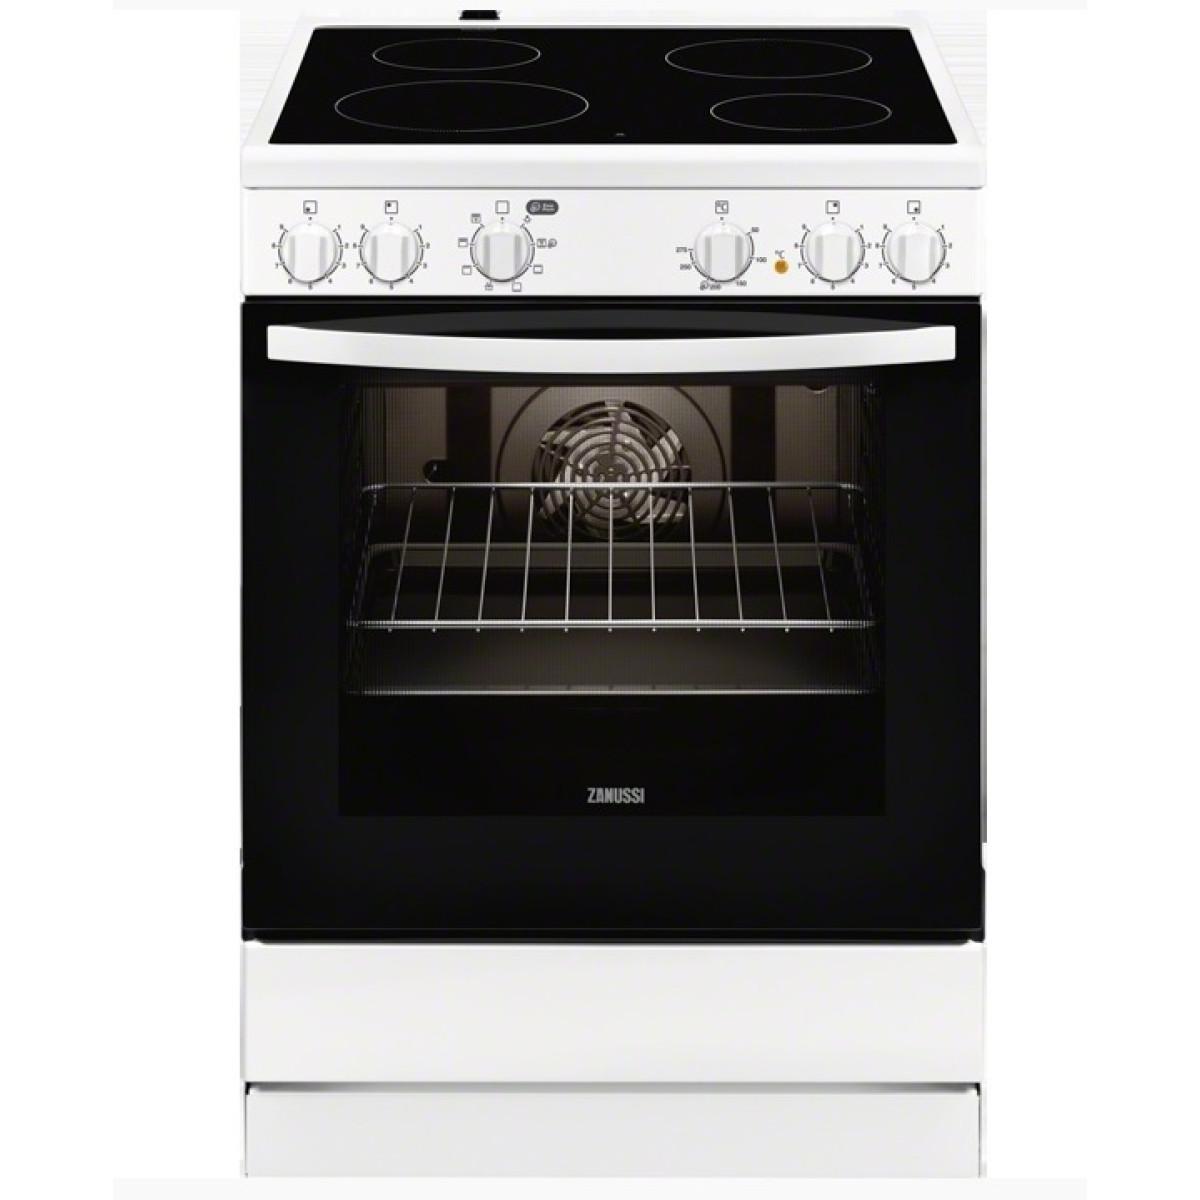 Κουζινες - Zanussi Κουζίνα Κεραμική ZCV65050WA (72Lt A) Κουζίνες κεραμικές Ηλεκτρικες Συσκευες - homeelectrics.gr